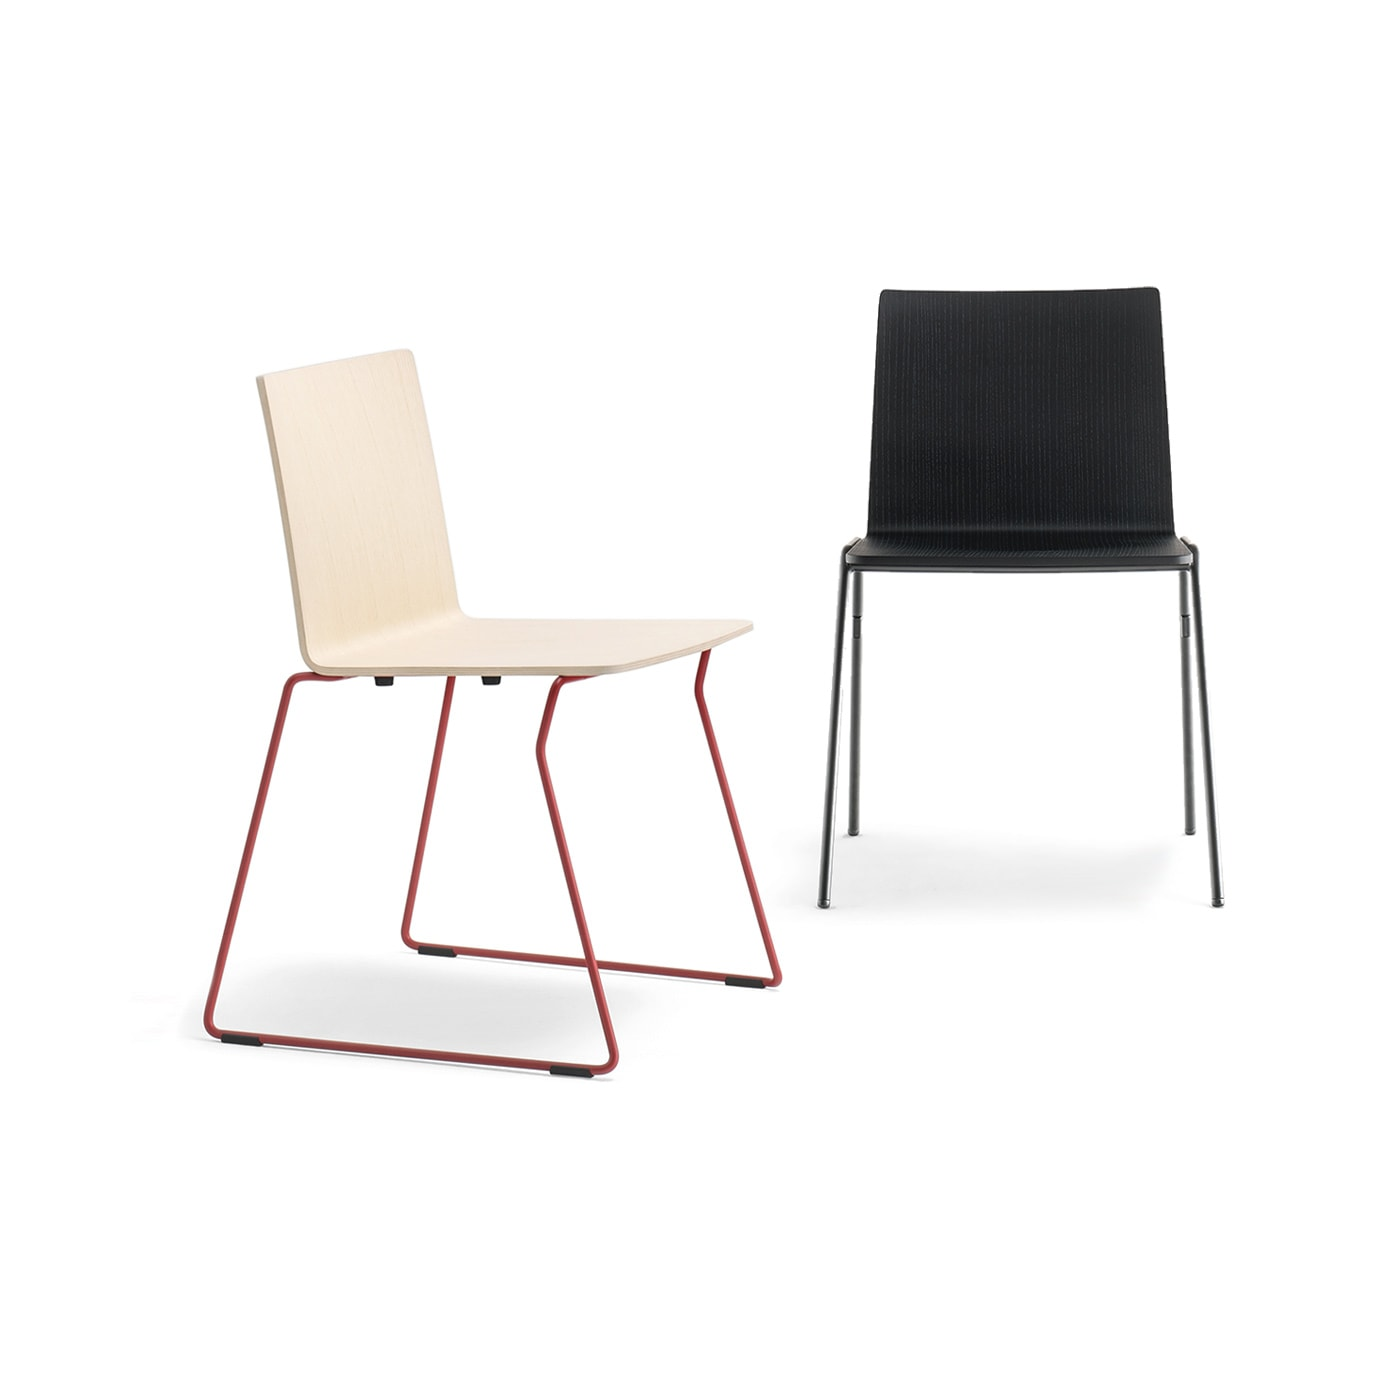 Pedrali Osaka Metal sedia - vendita online